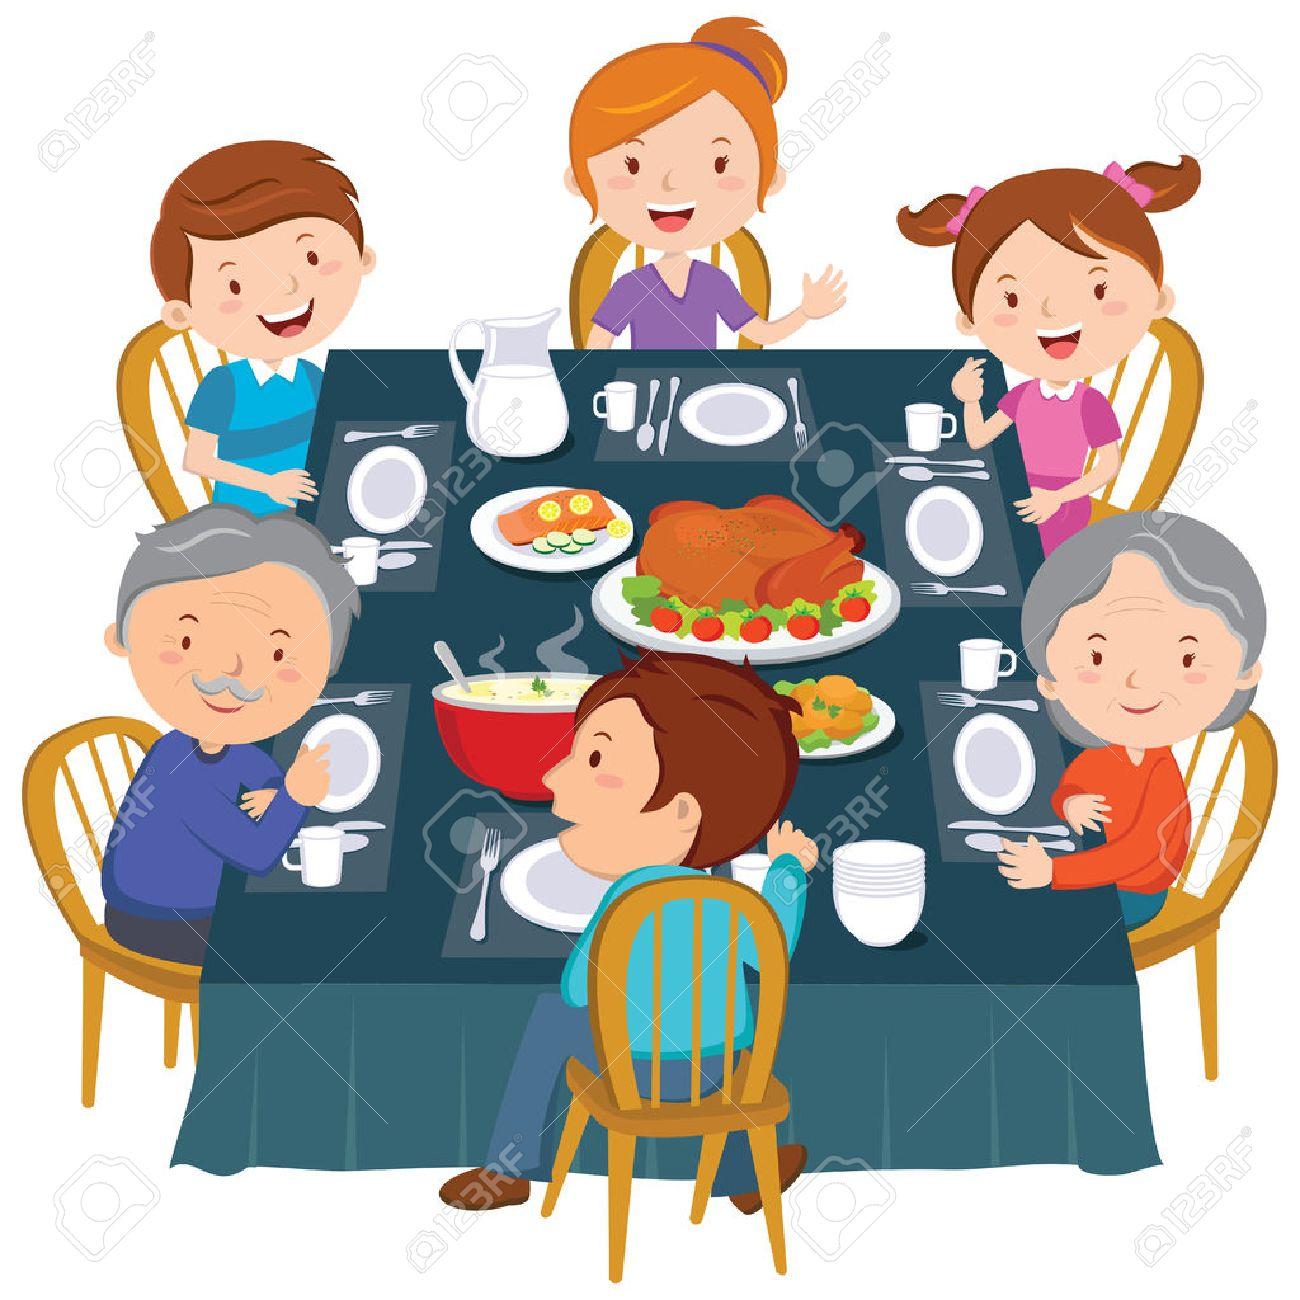 Family dinner. Happy extended family having Thanksgiving dinner. - 66092122